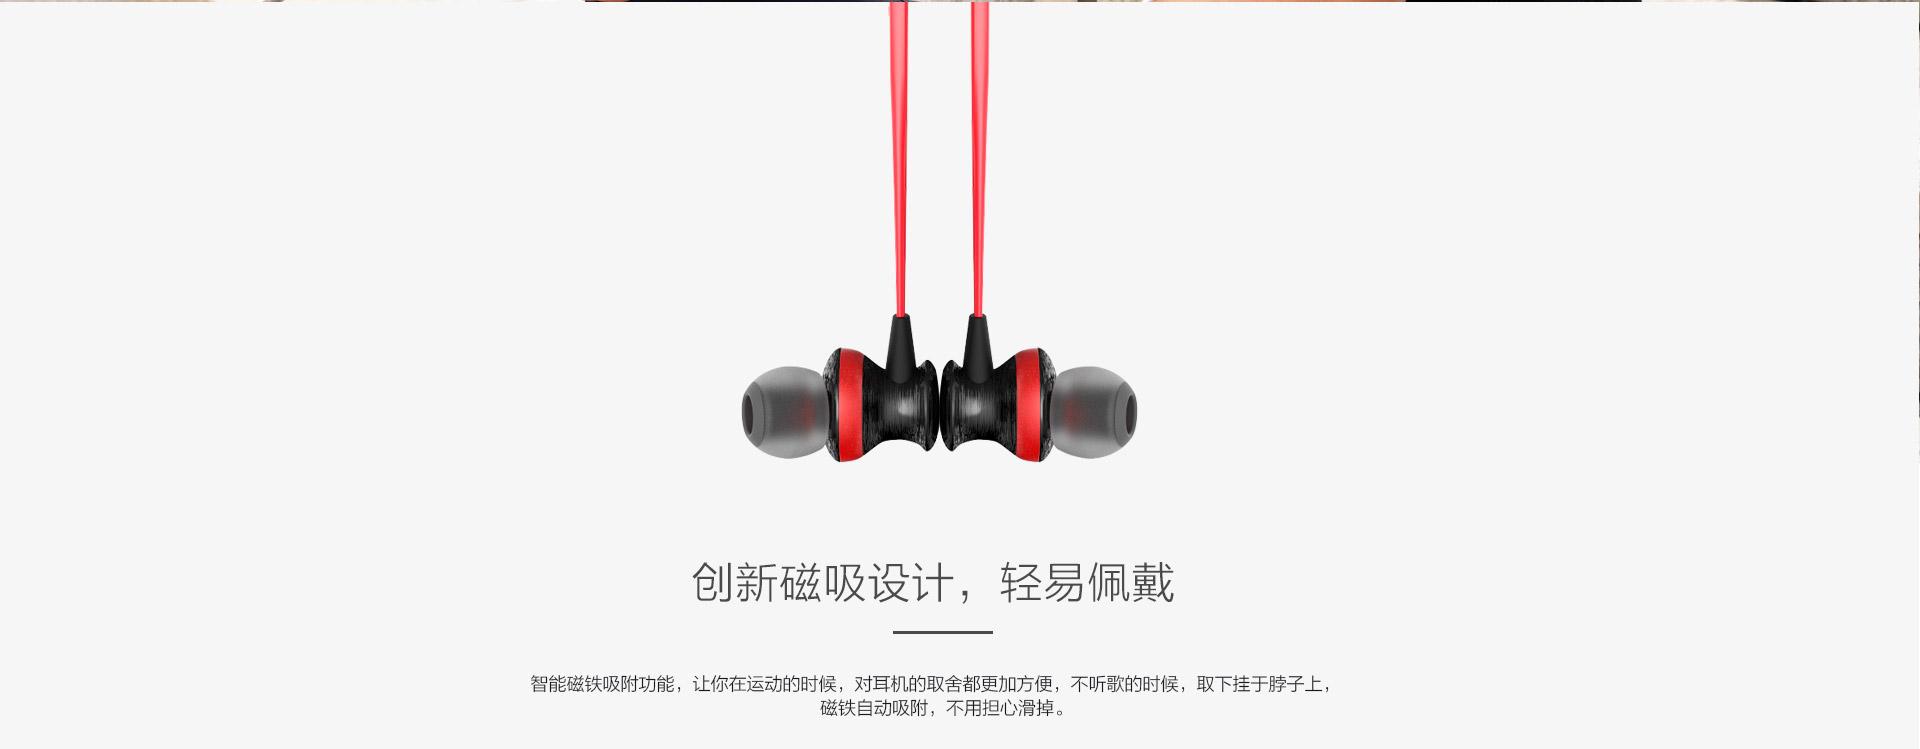 创新磁吸设计-智能运动蓝牙耳机